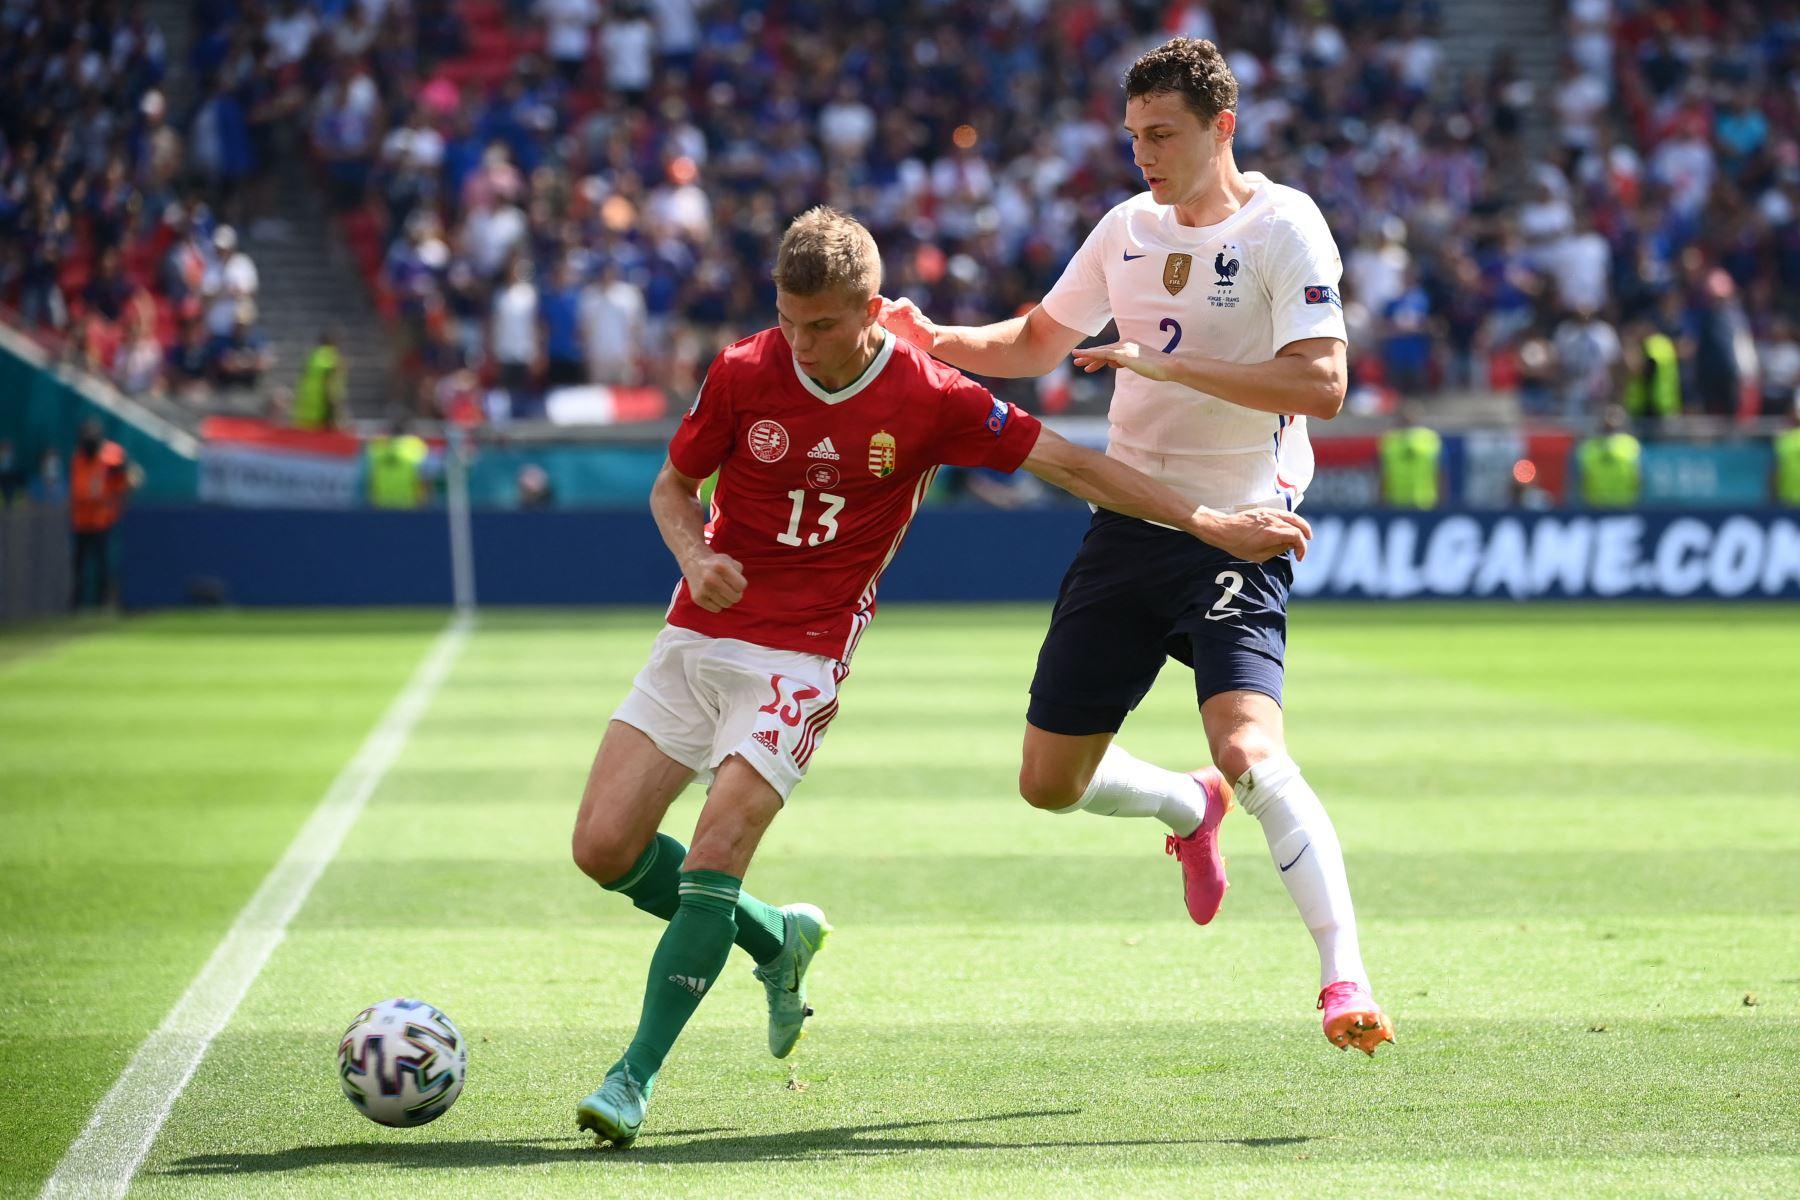 El mediocampista húngaro Andras Schafer y el defensa francés Benjamin Pavard compiten durante el partido de fútbol del Grupo F de la UEFA EURO 2020 entre Hungría y Francia en el Puskas Arena de Budapest. Foto: AFP